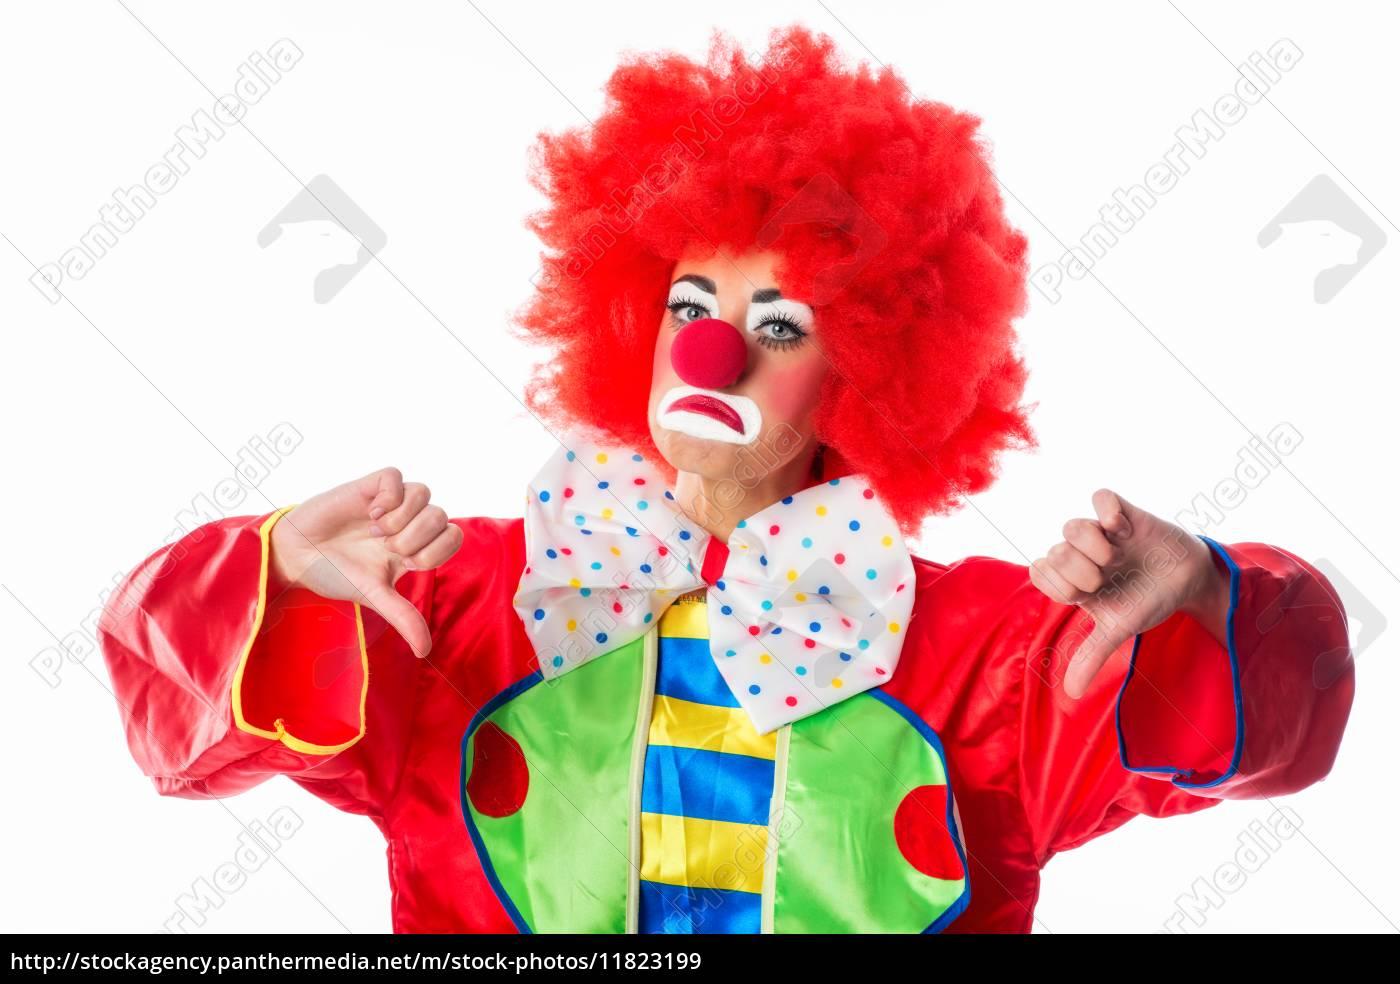 clown, zeigt, daumen, nach, unten - 11823199